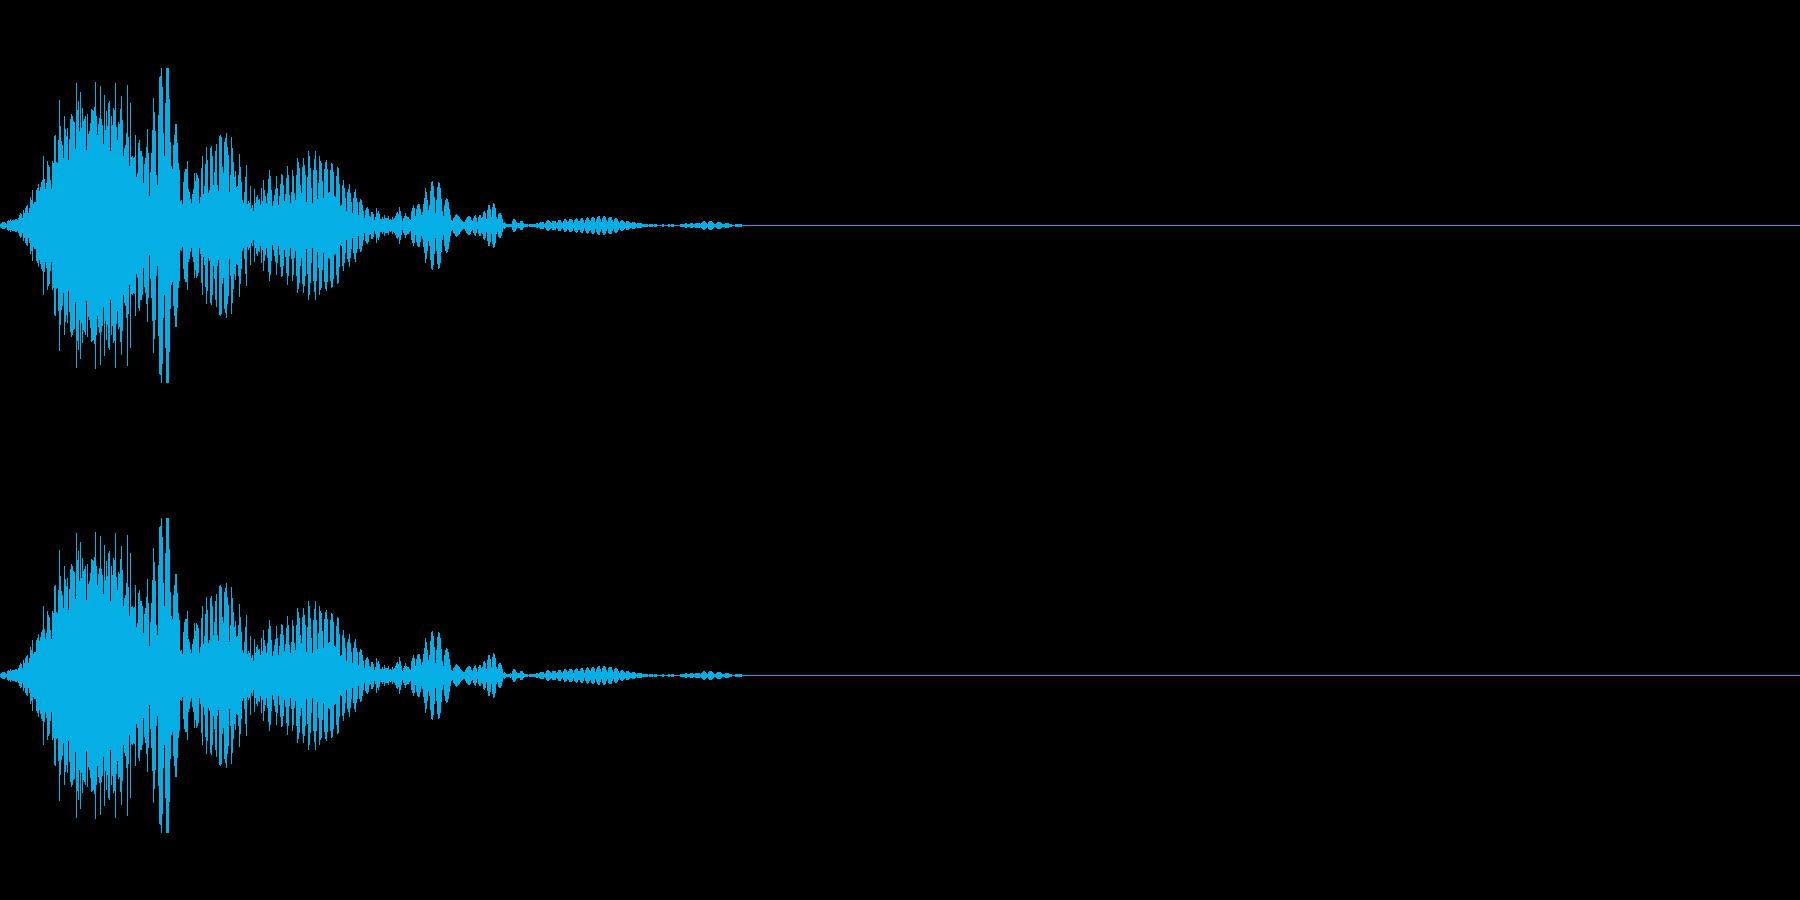 斬撃音(刀や剣で斬る/刺す効果音)17bの再生済みの波形